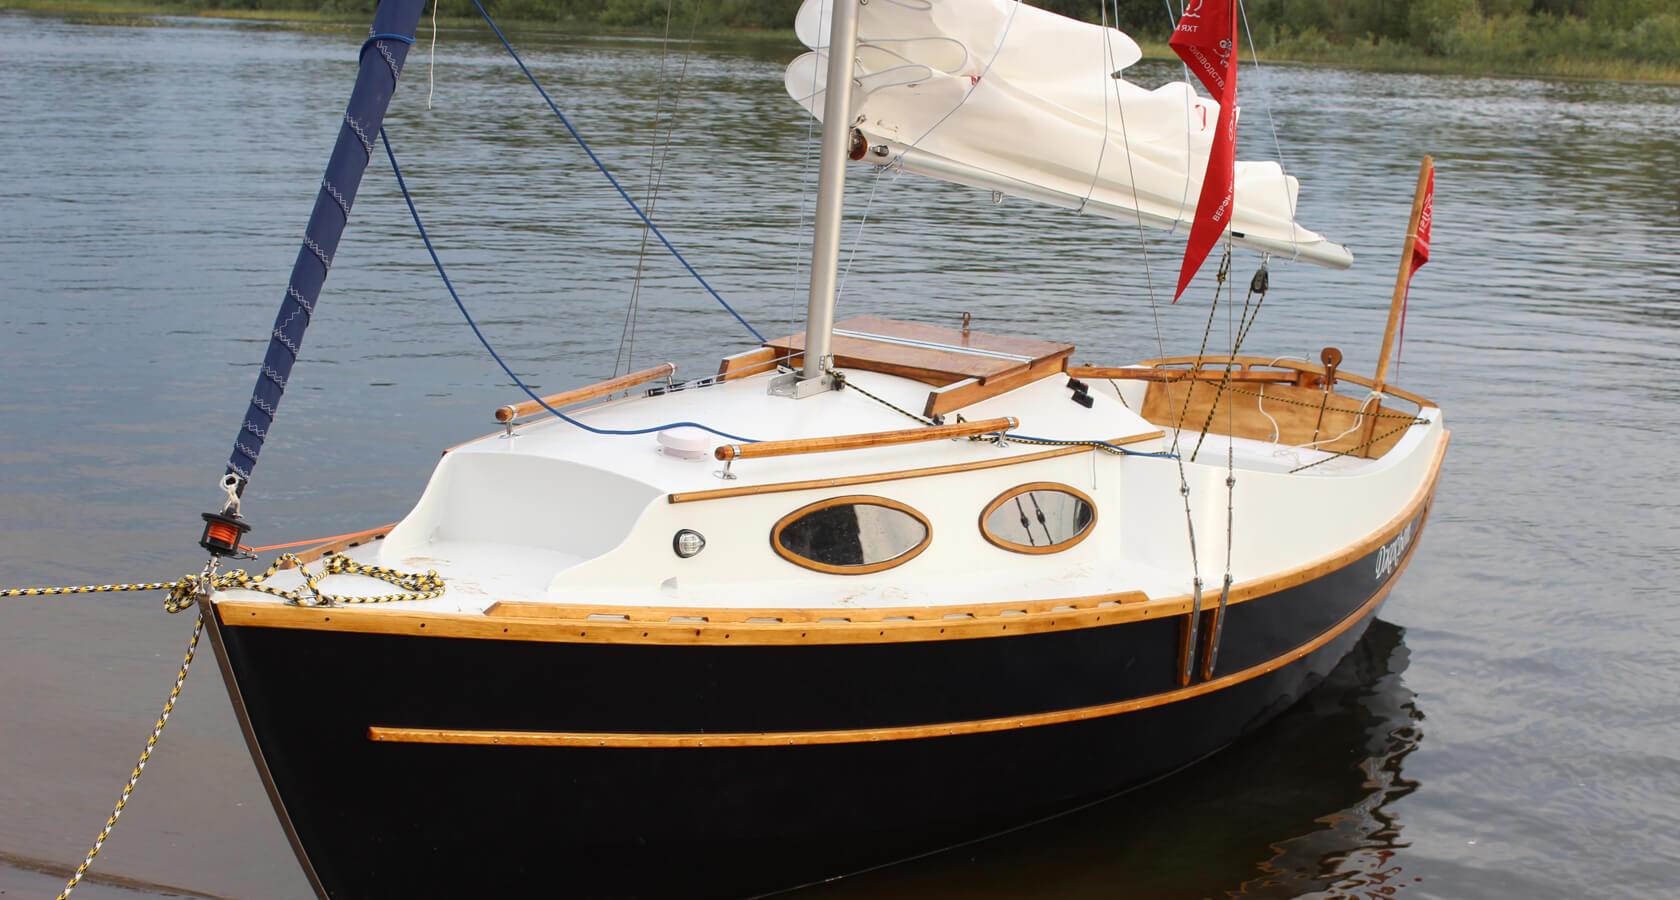 ведение новостной яхта дрескомб фото под ключ